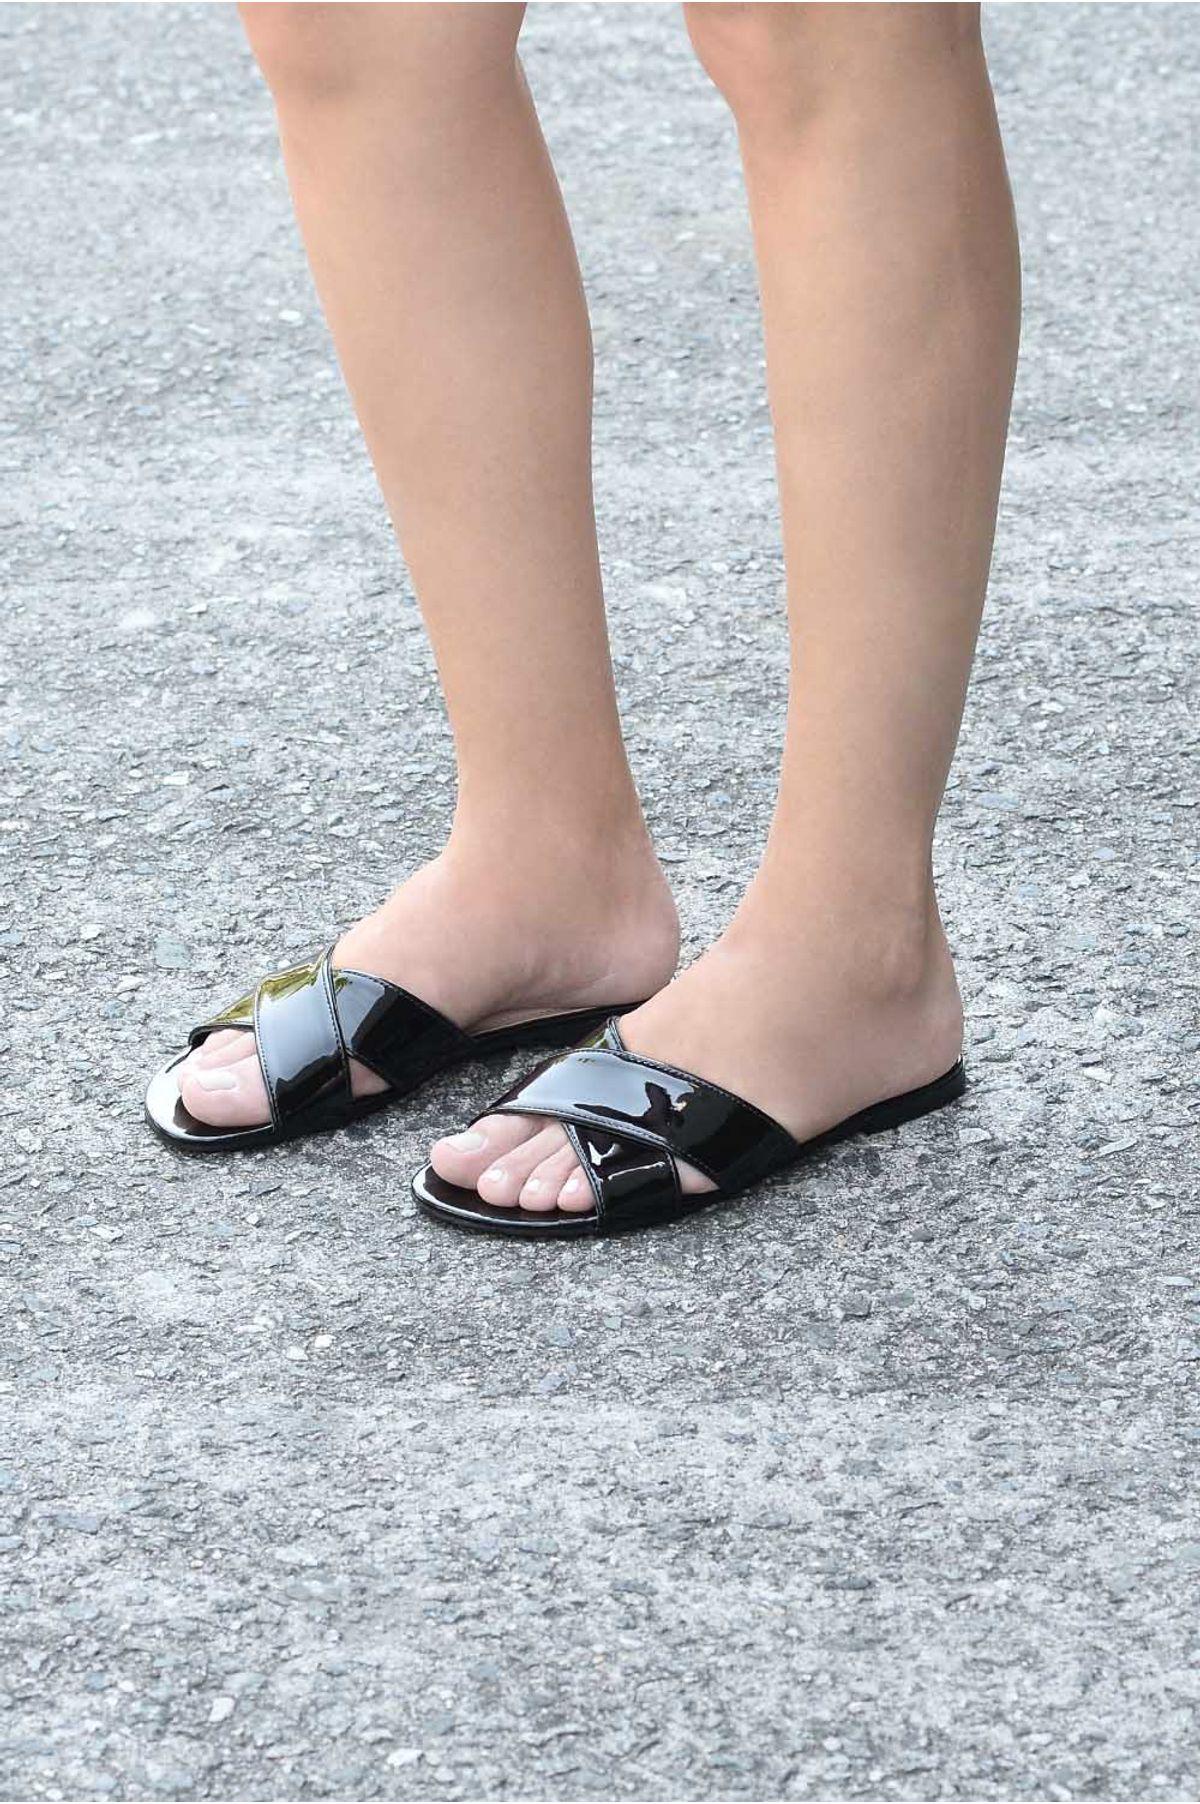 7d5c8098b Chinelo Feminino Nuby Via Marte VERNIZ PRETO - Mundial Calçados